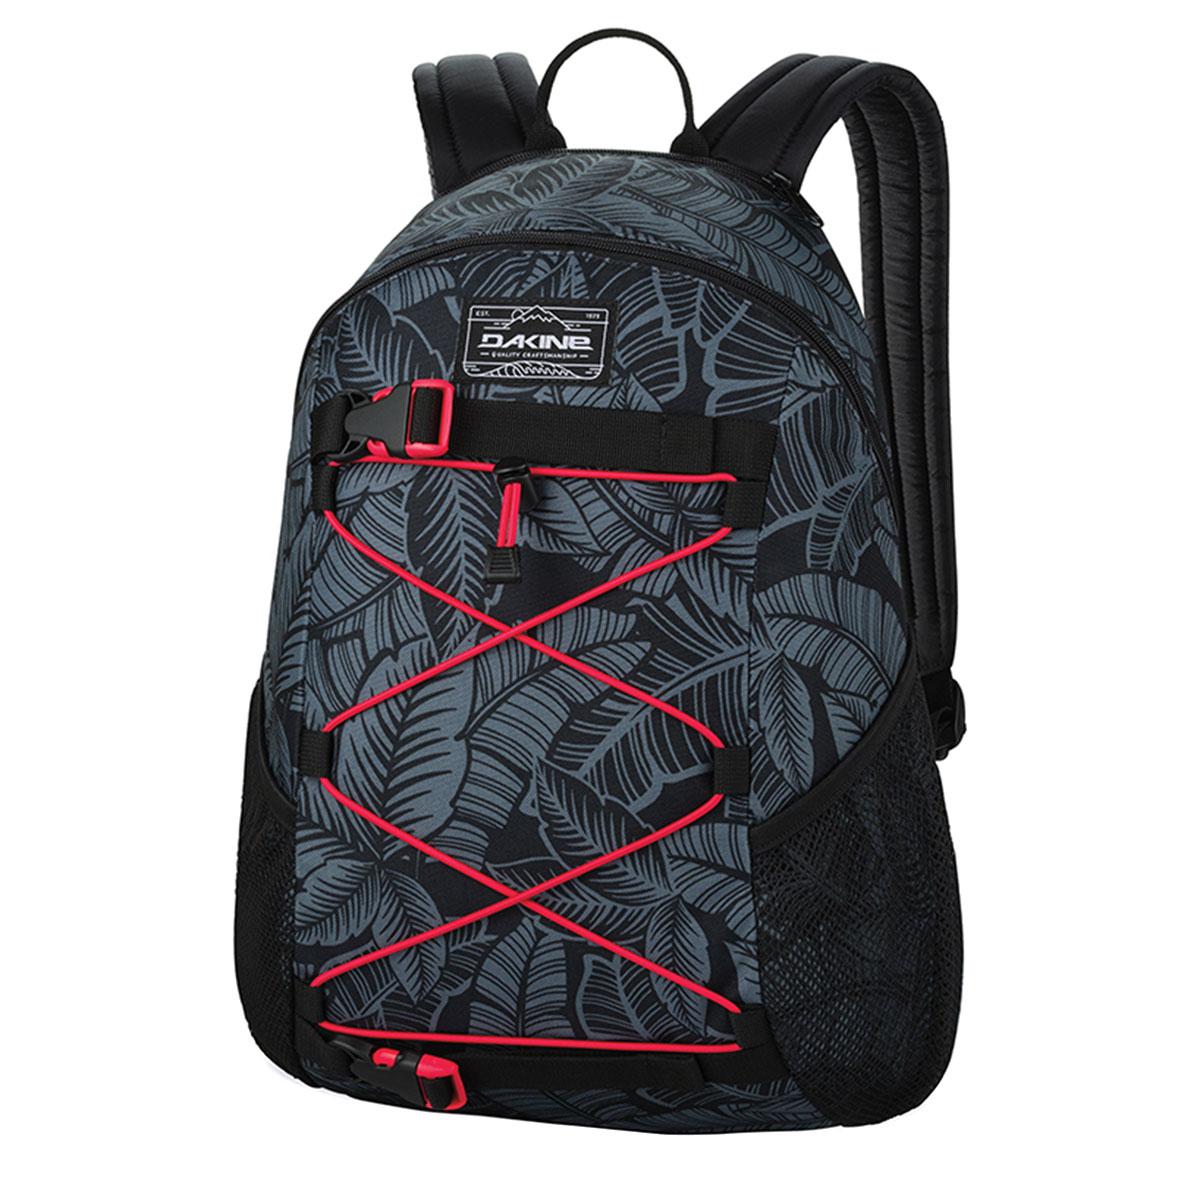 b742b88cd575 Купить рюкзак спортивный Dakine Wonder 15 L Stencil Palm в интернет ...